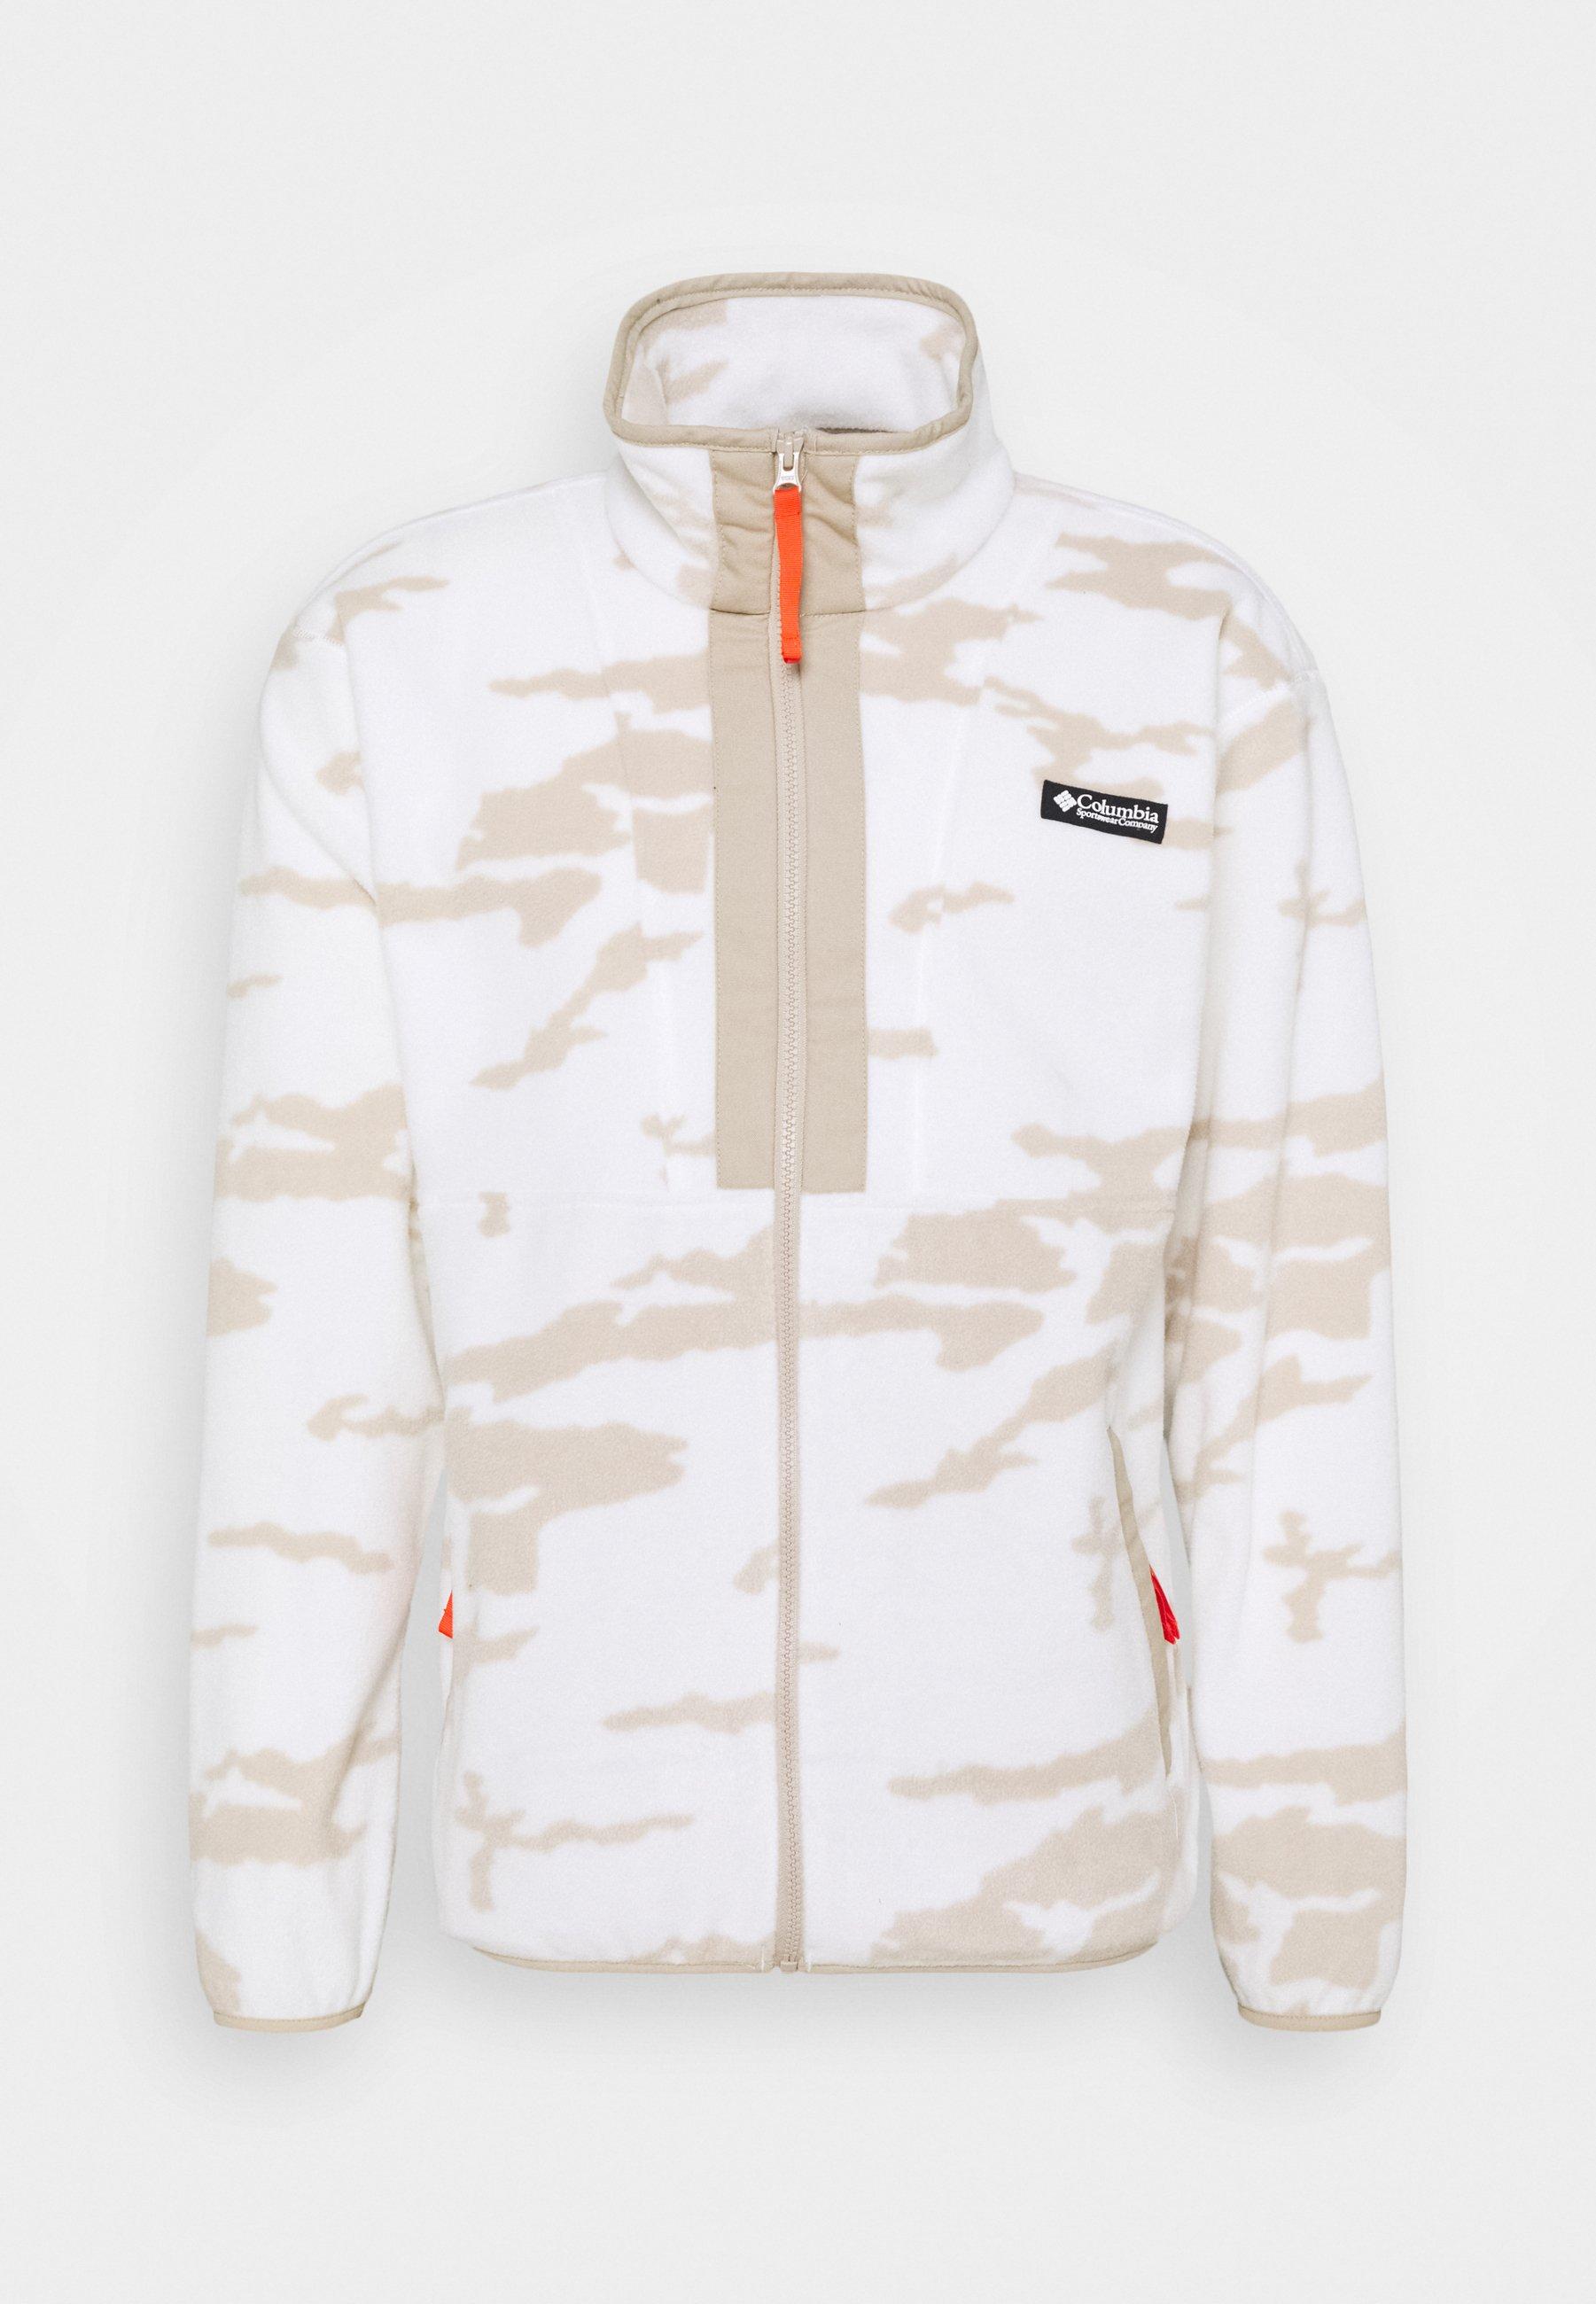 Men FIELD ROC™ BACKBOWL™ FULL ZIP - Fleece jacket - sea salt